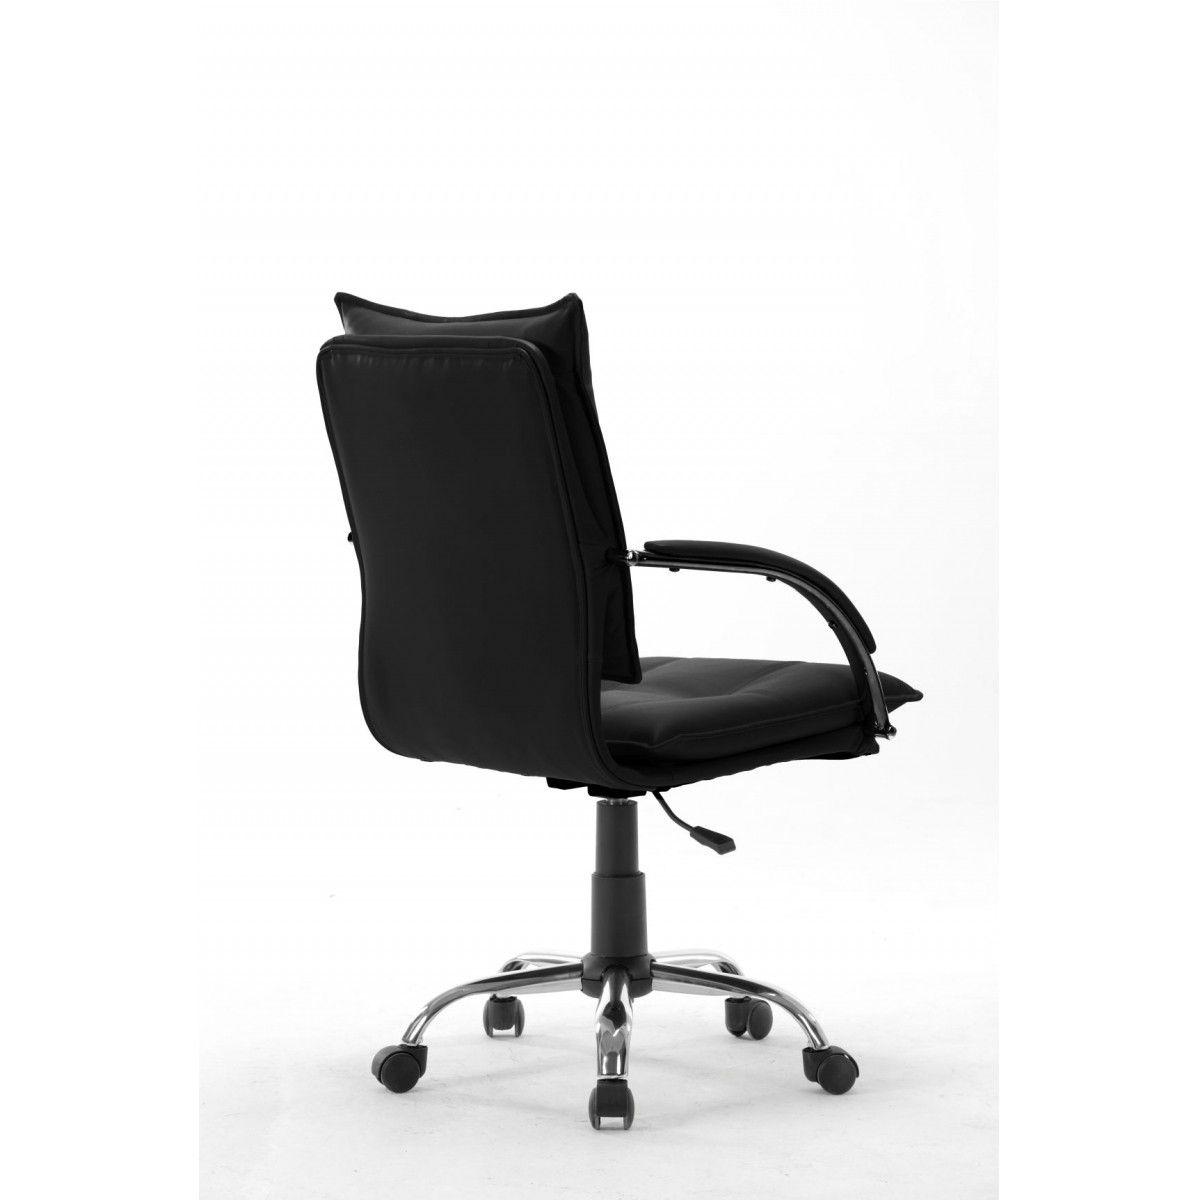 Cadeira Diretor Pelegrin Pel-280 Couro Pu Preta